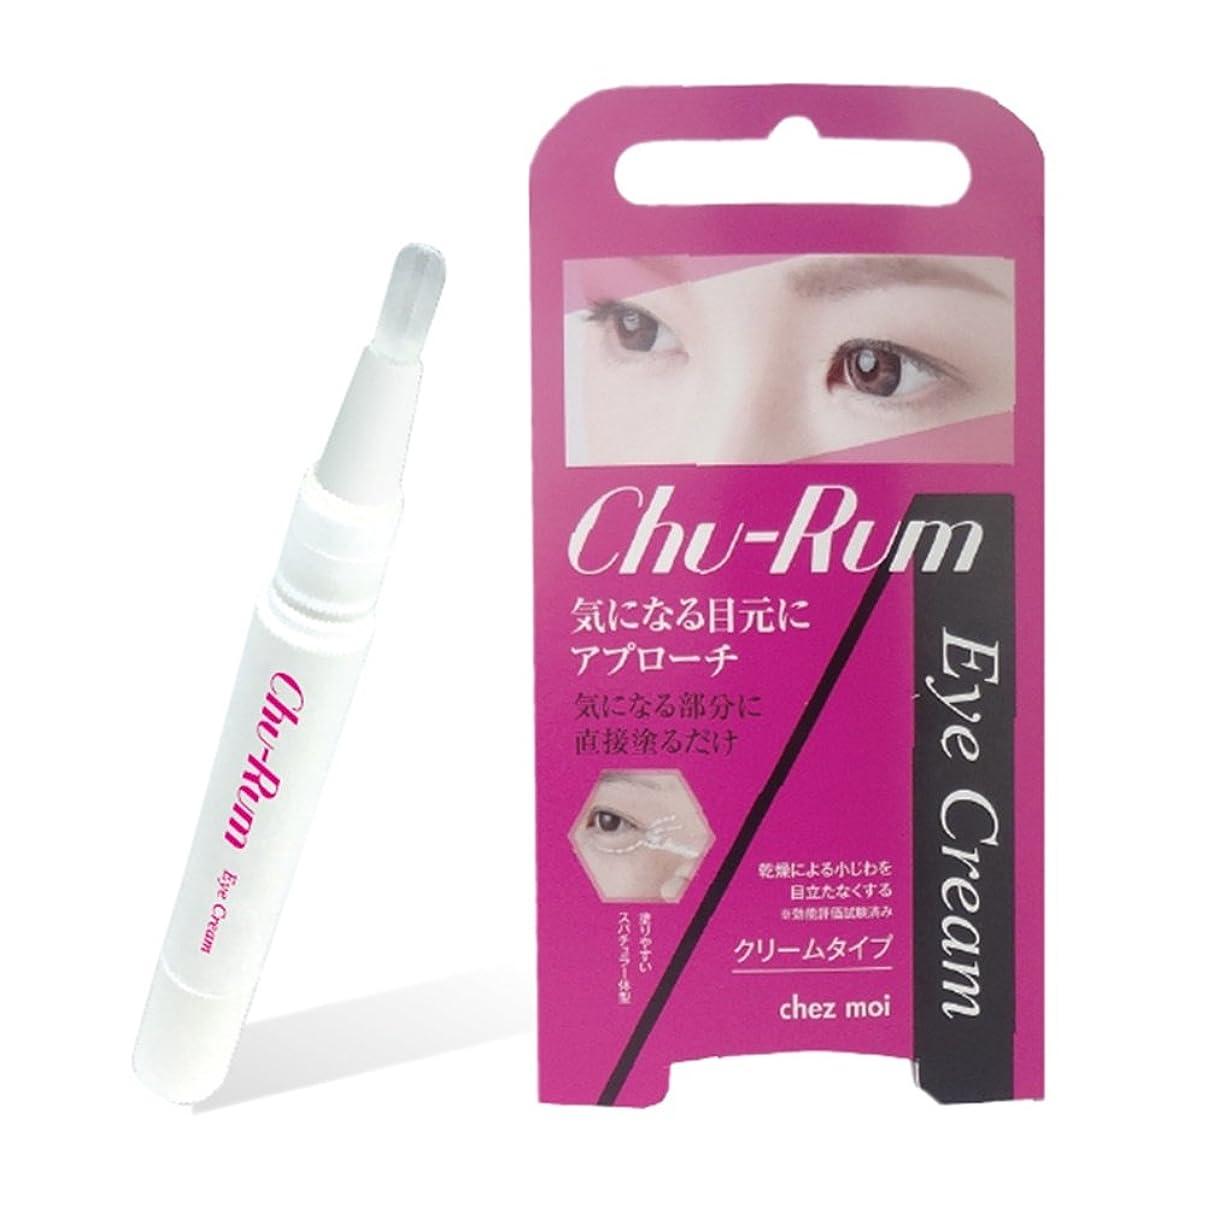 物理的なコメンテーターペンシェモア Chu-Rum(チュルム) Eye Cream(アイクリーム)